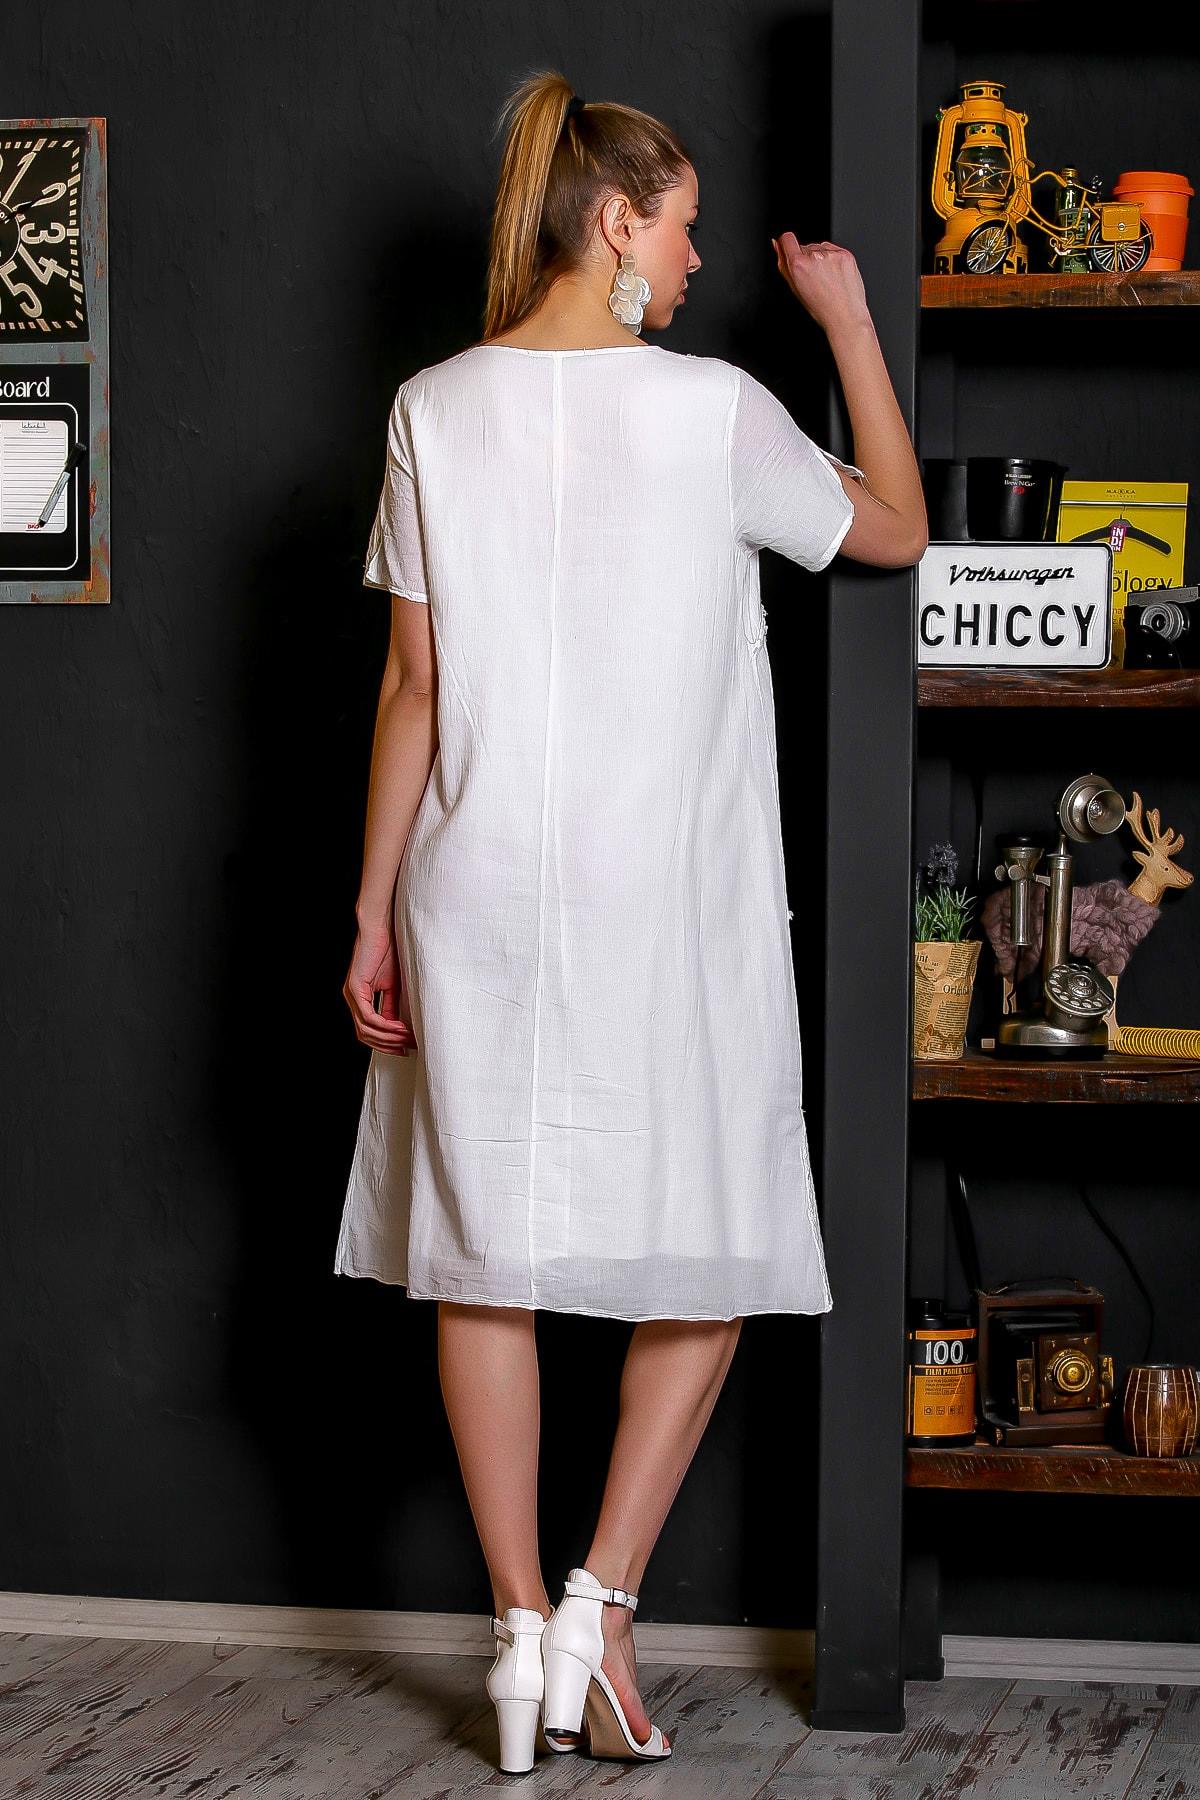 Chiccy Kadın Beyaz Sıfır Yaka Dantel Bloklu Cepli Astarlı Yıkamalı Elbise M10160000EL95294 4